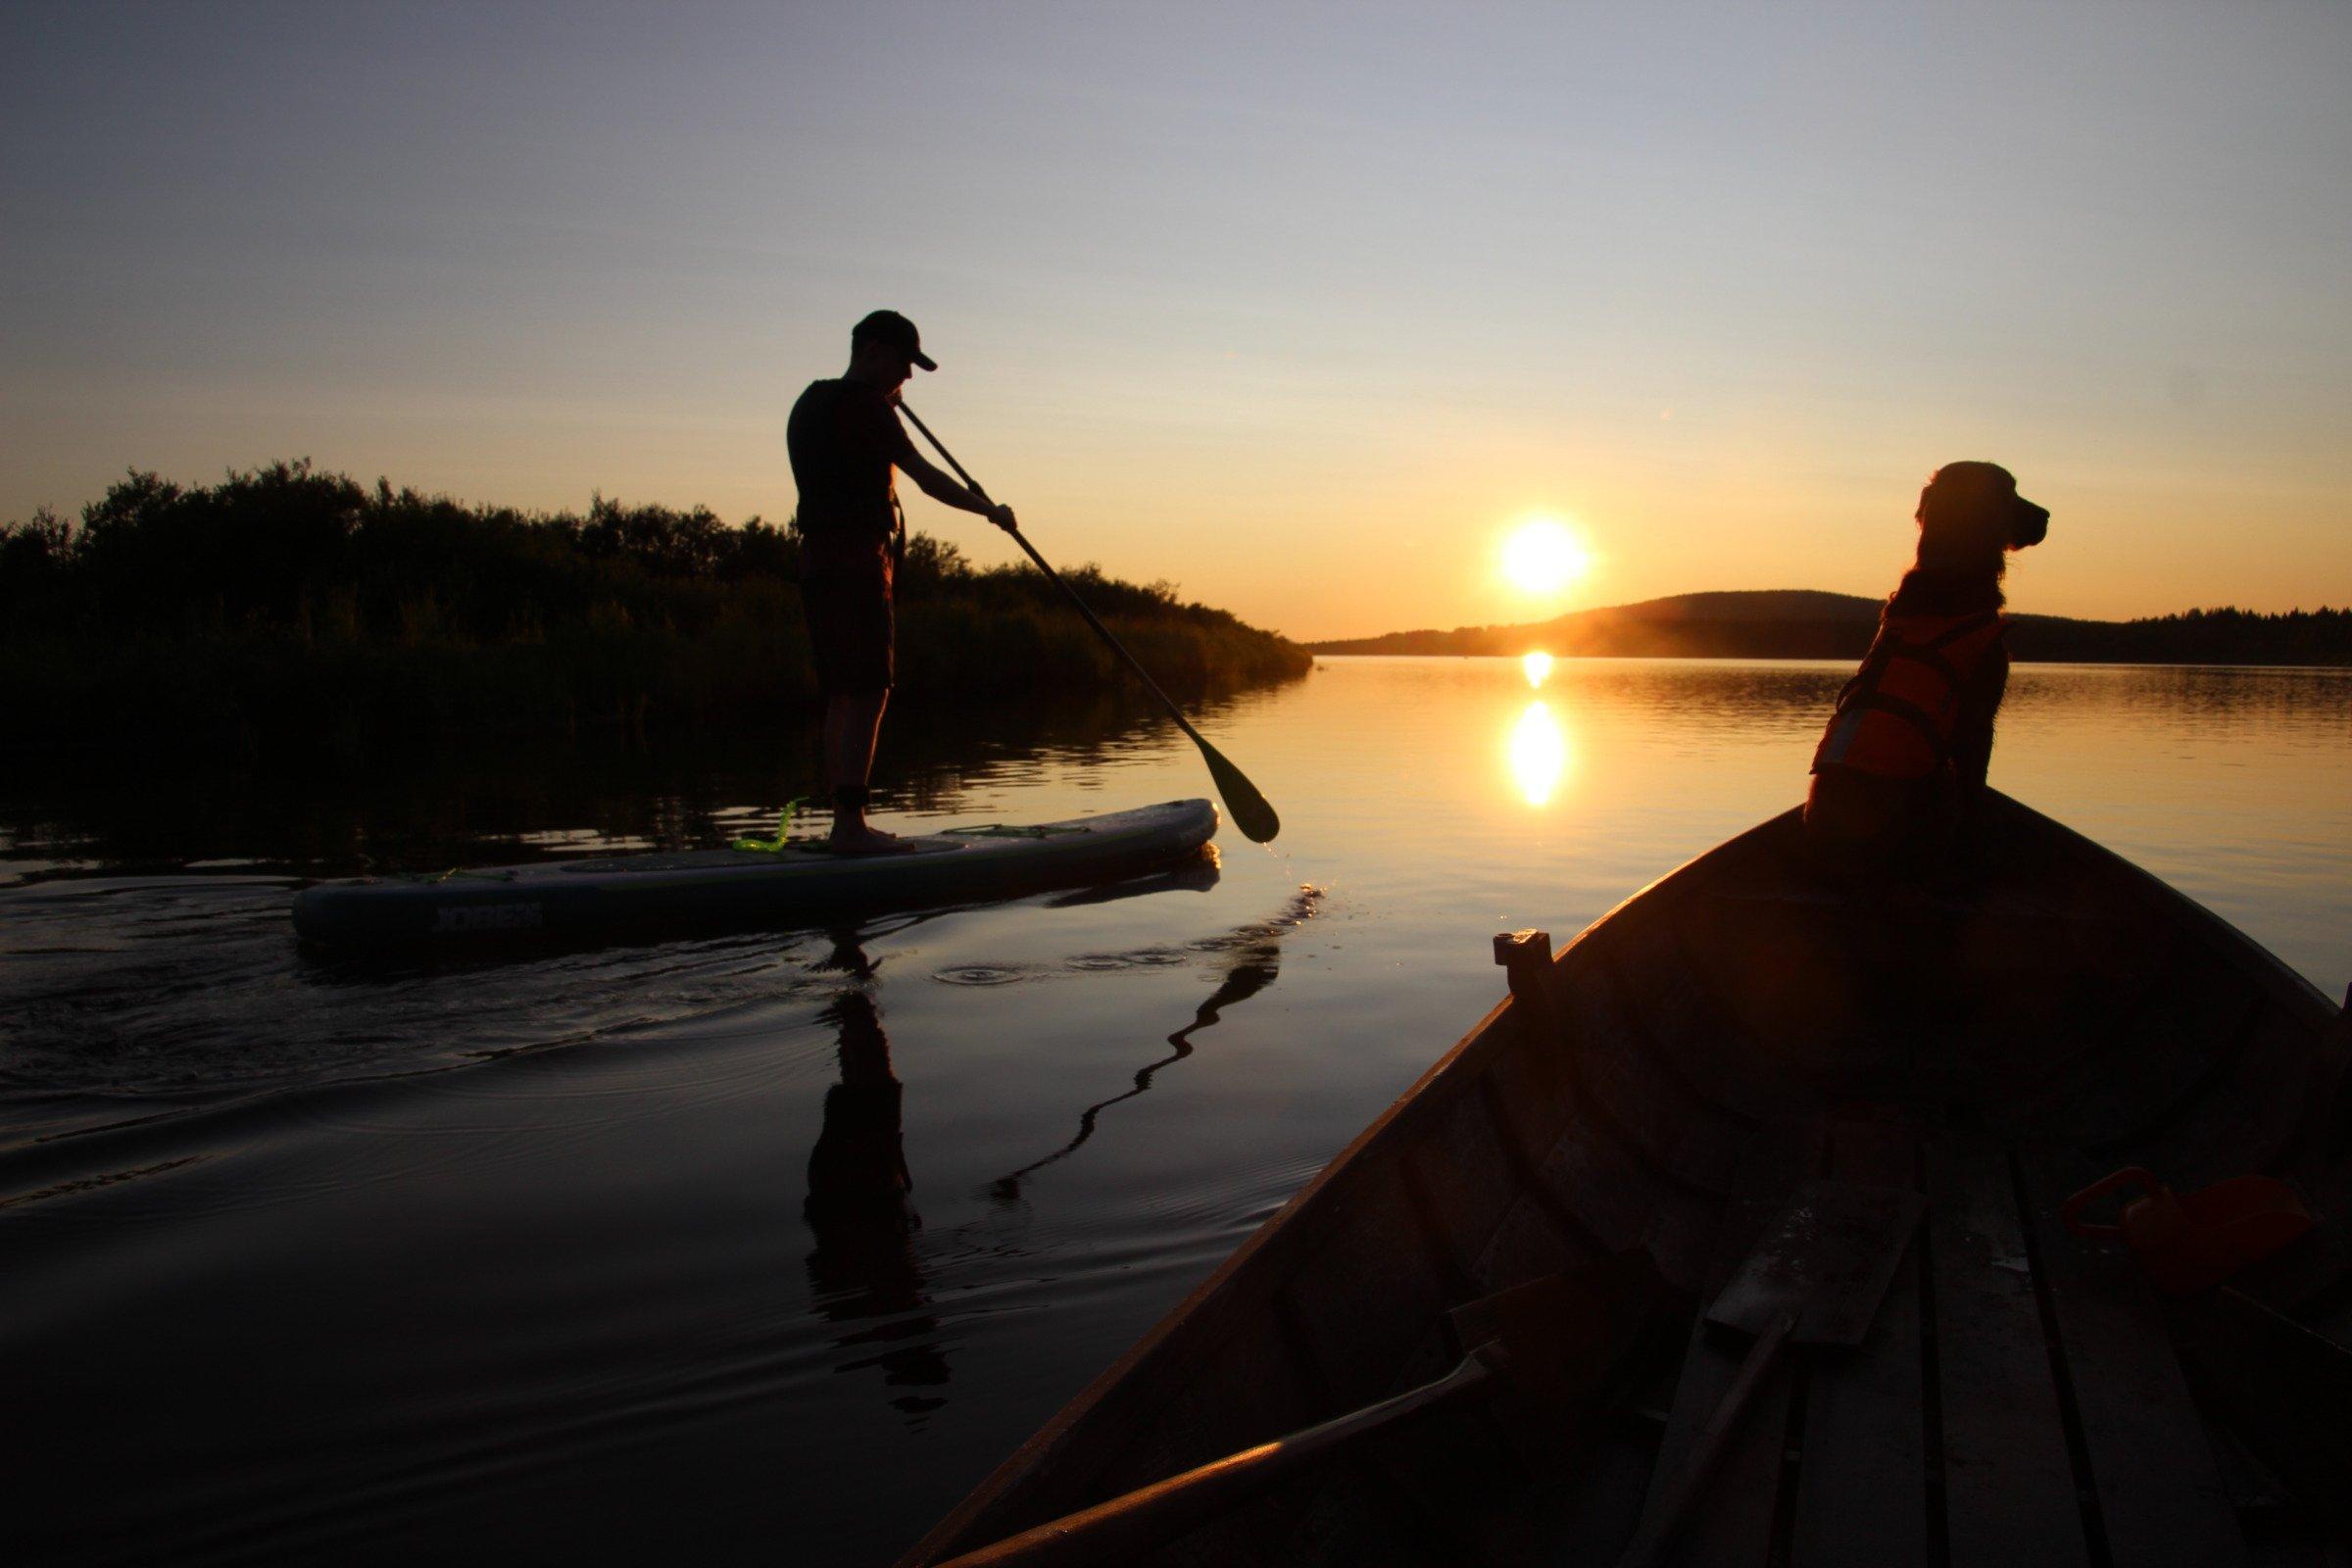 Sup-lautailua keskiyön auringossa Nivankylässä (c) Piia Juntunen-Laakso